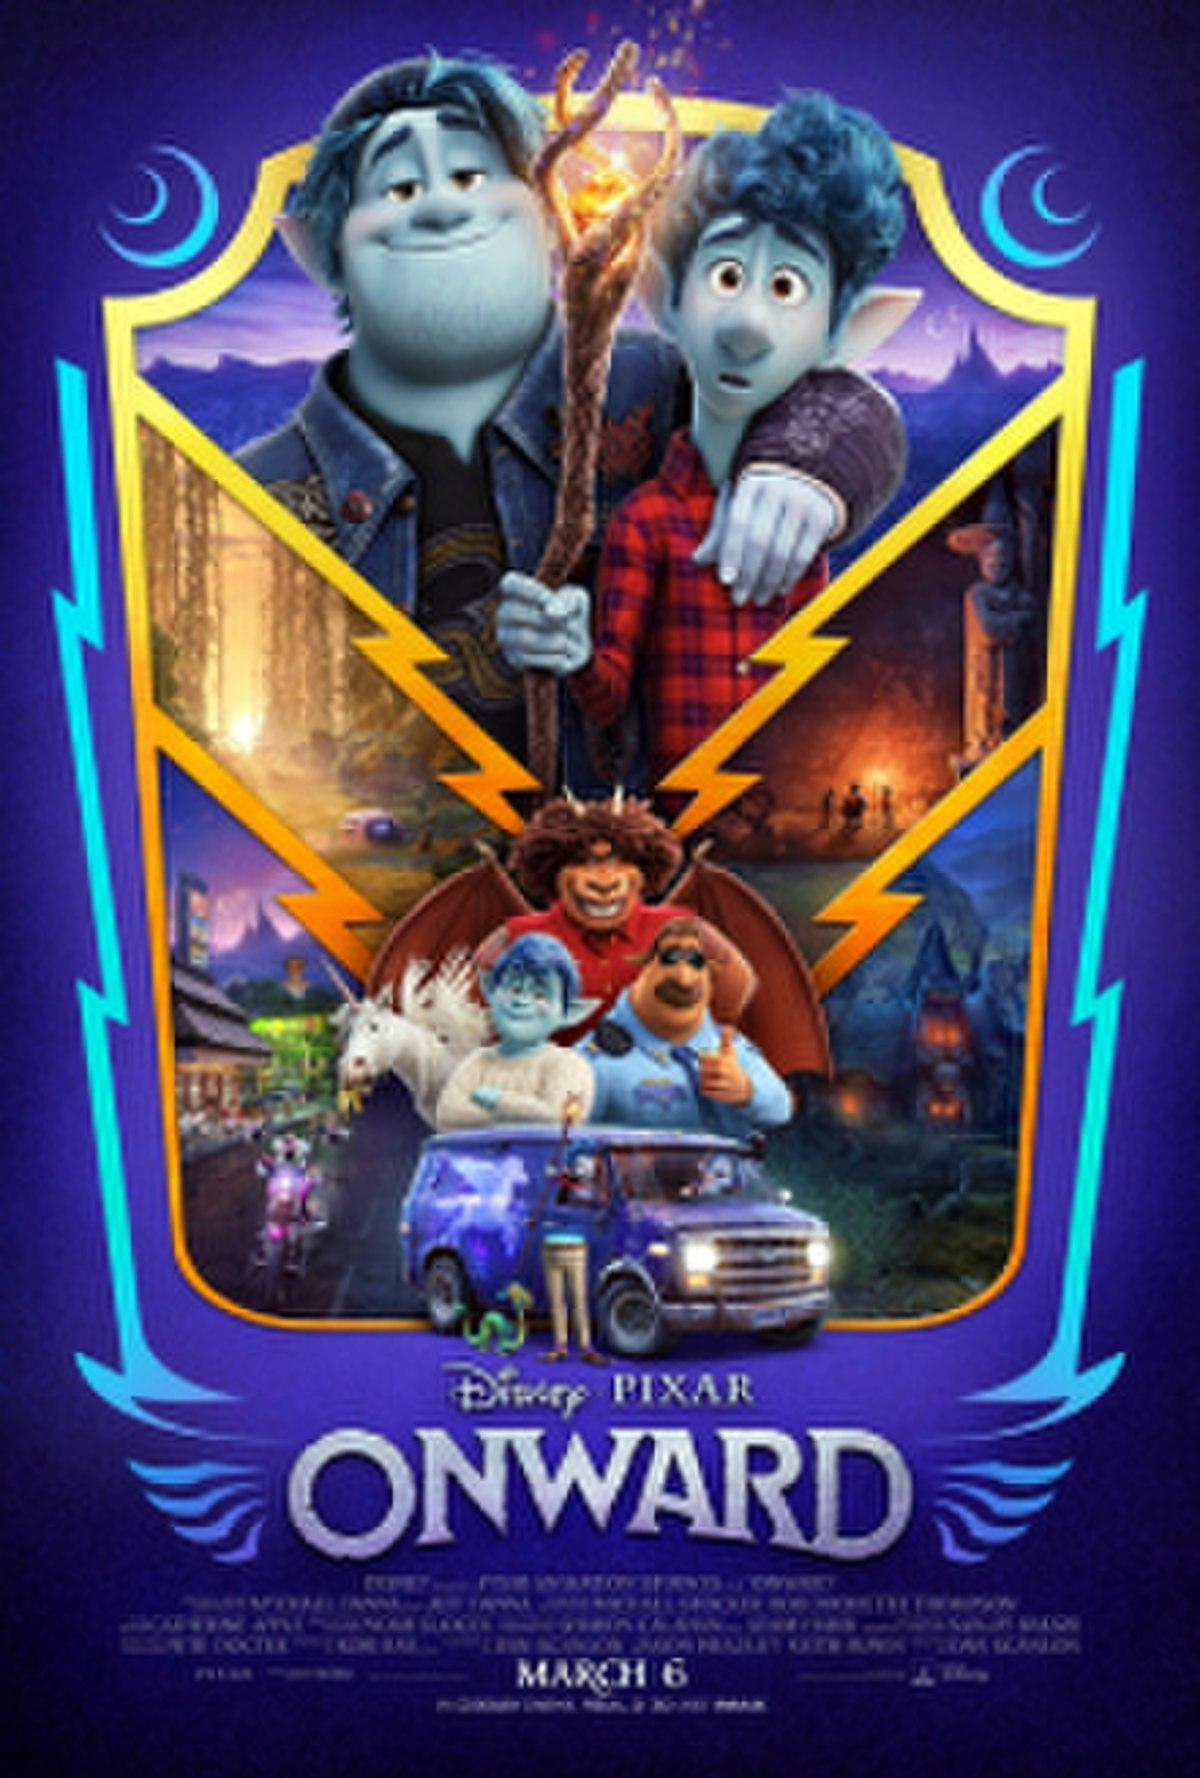 Onward Film